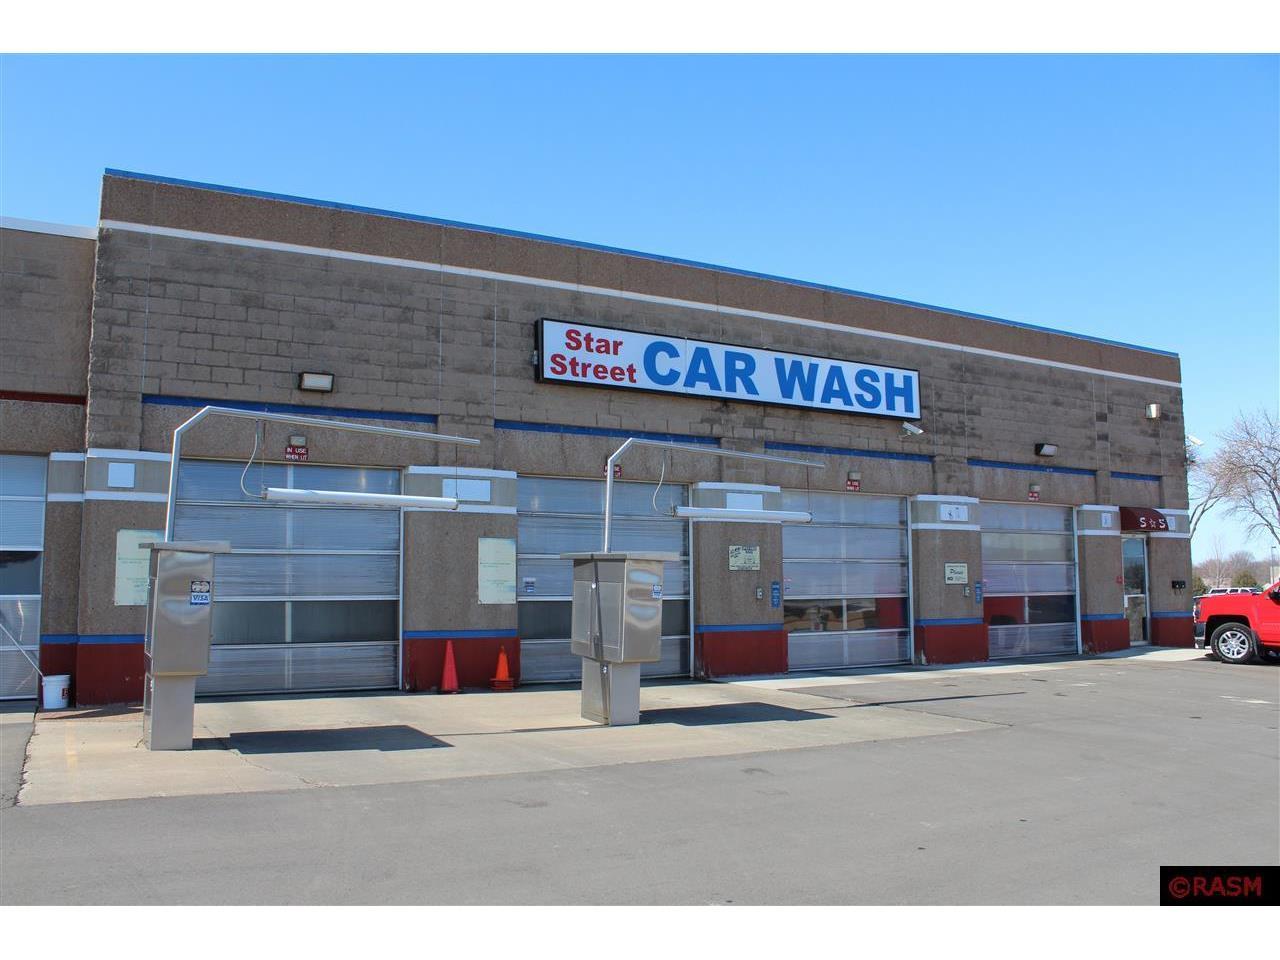 Garage Auto Repair Commercial Real Estate For Sale Delaware: 1680 Madison Avenue, Mankato, MN 56001